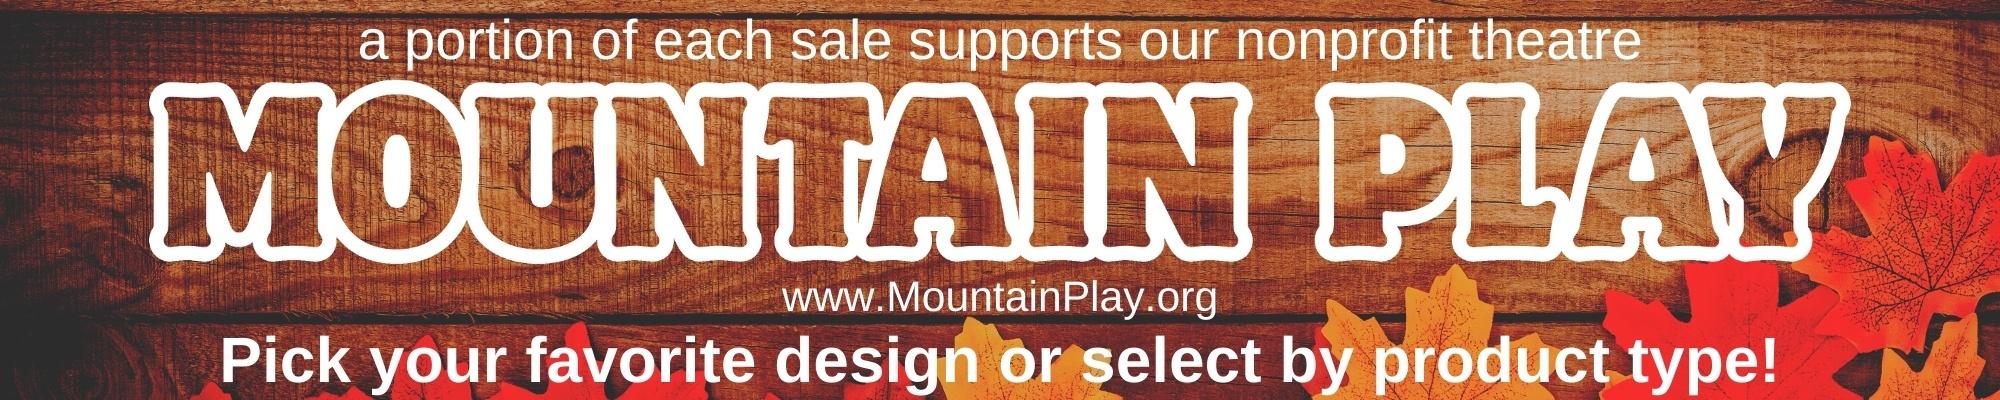 MountainPlay Cover